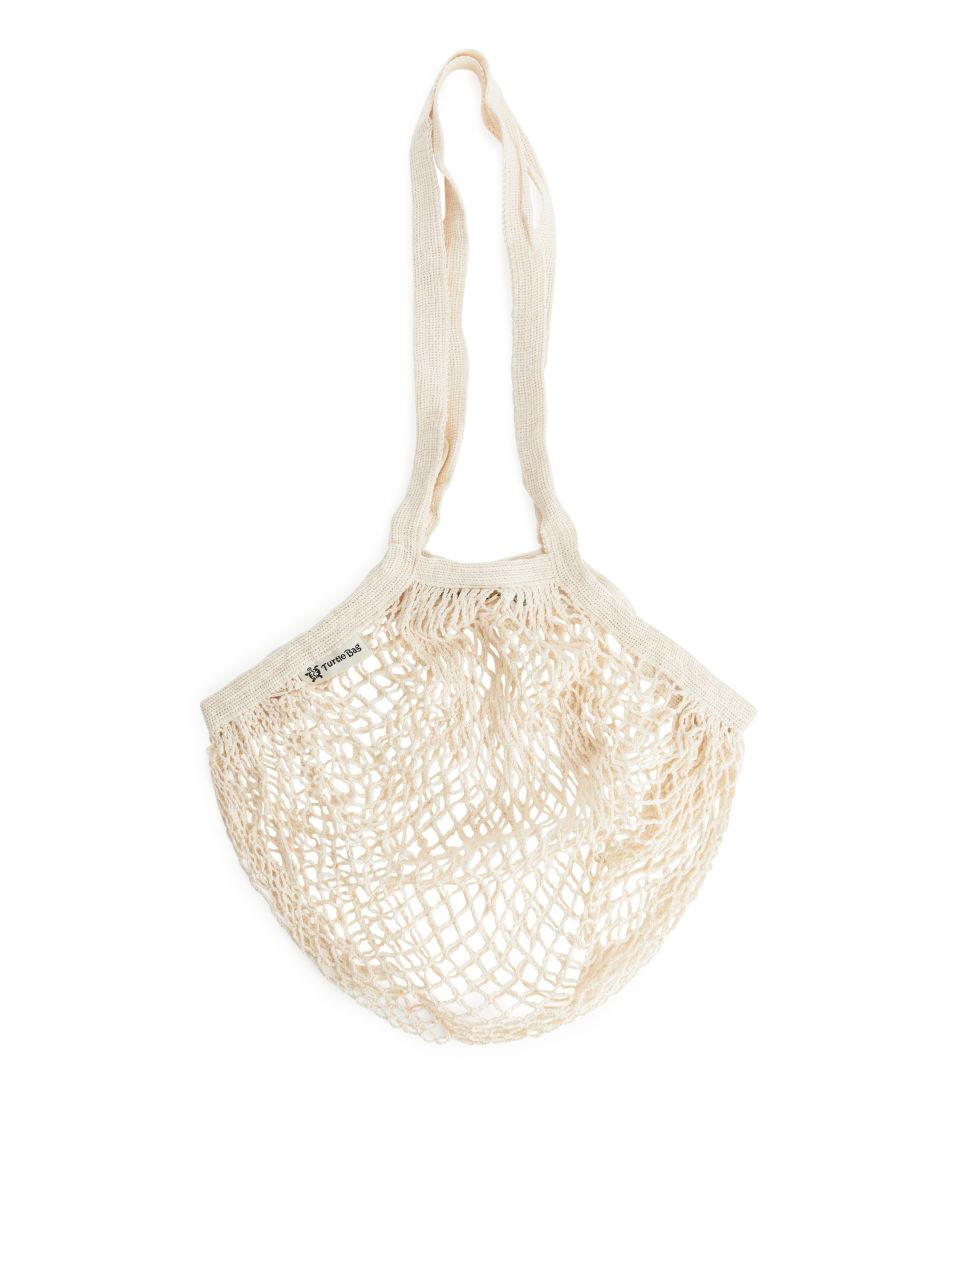 Turtle Bags Organic Long Handled String Bag - Beige